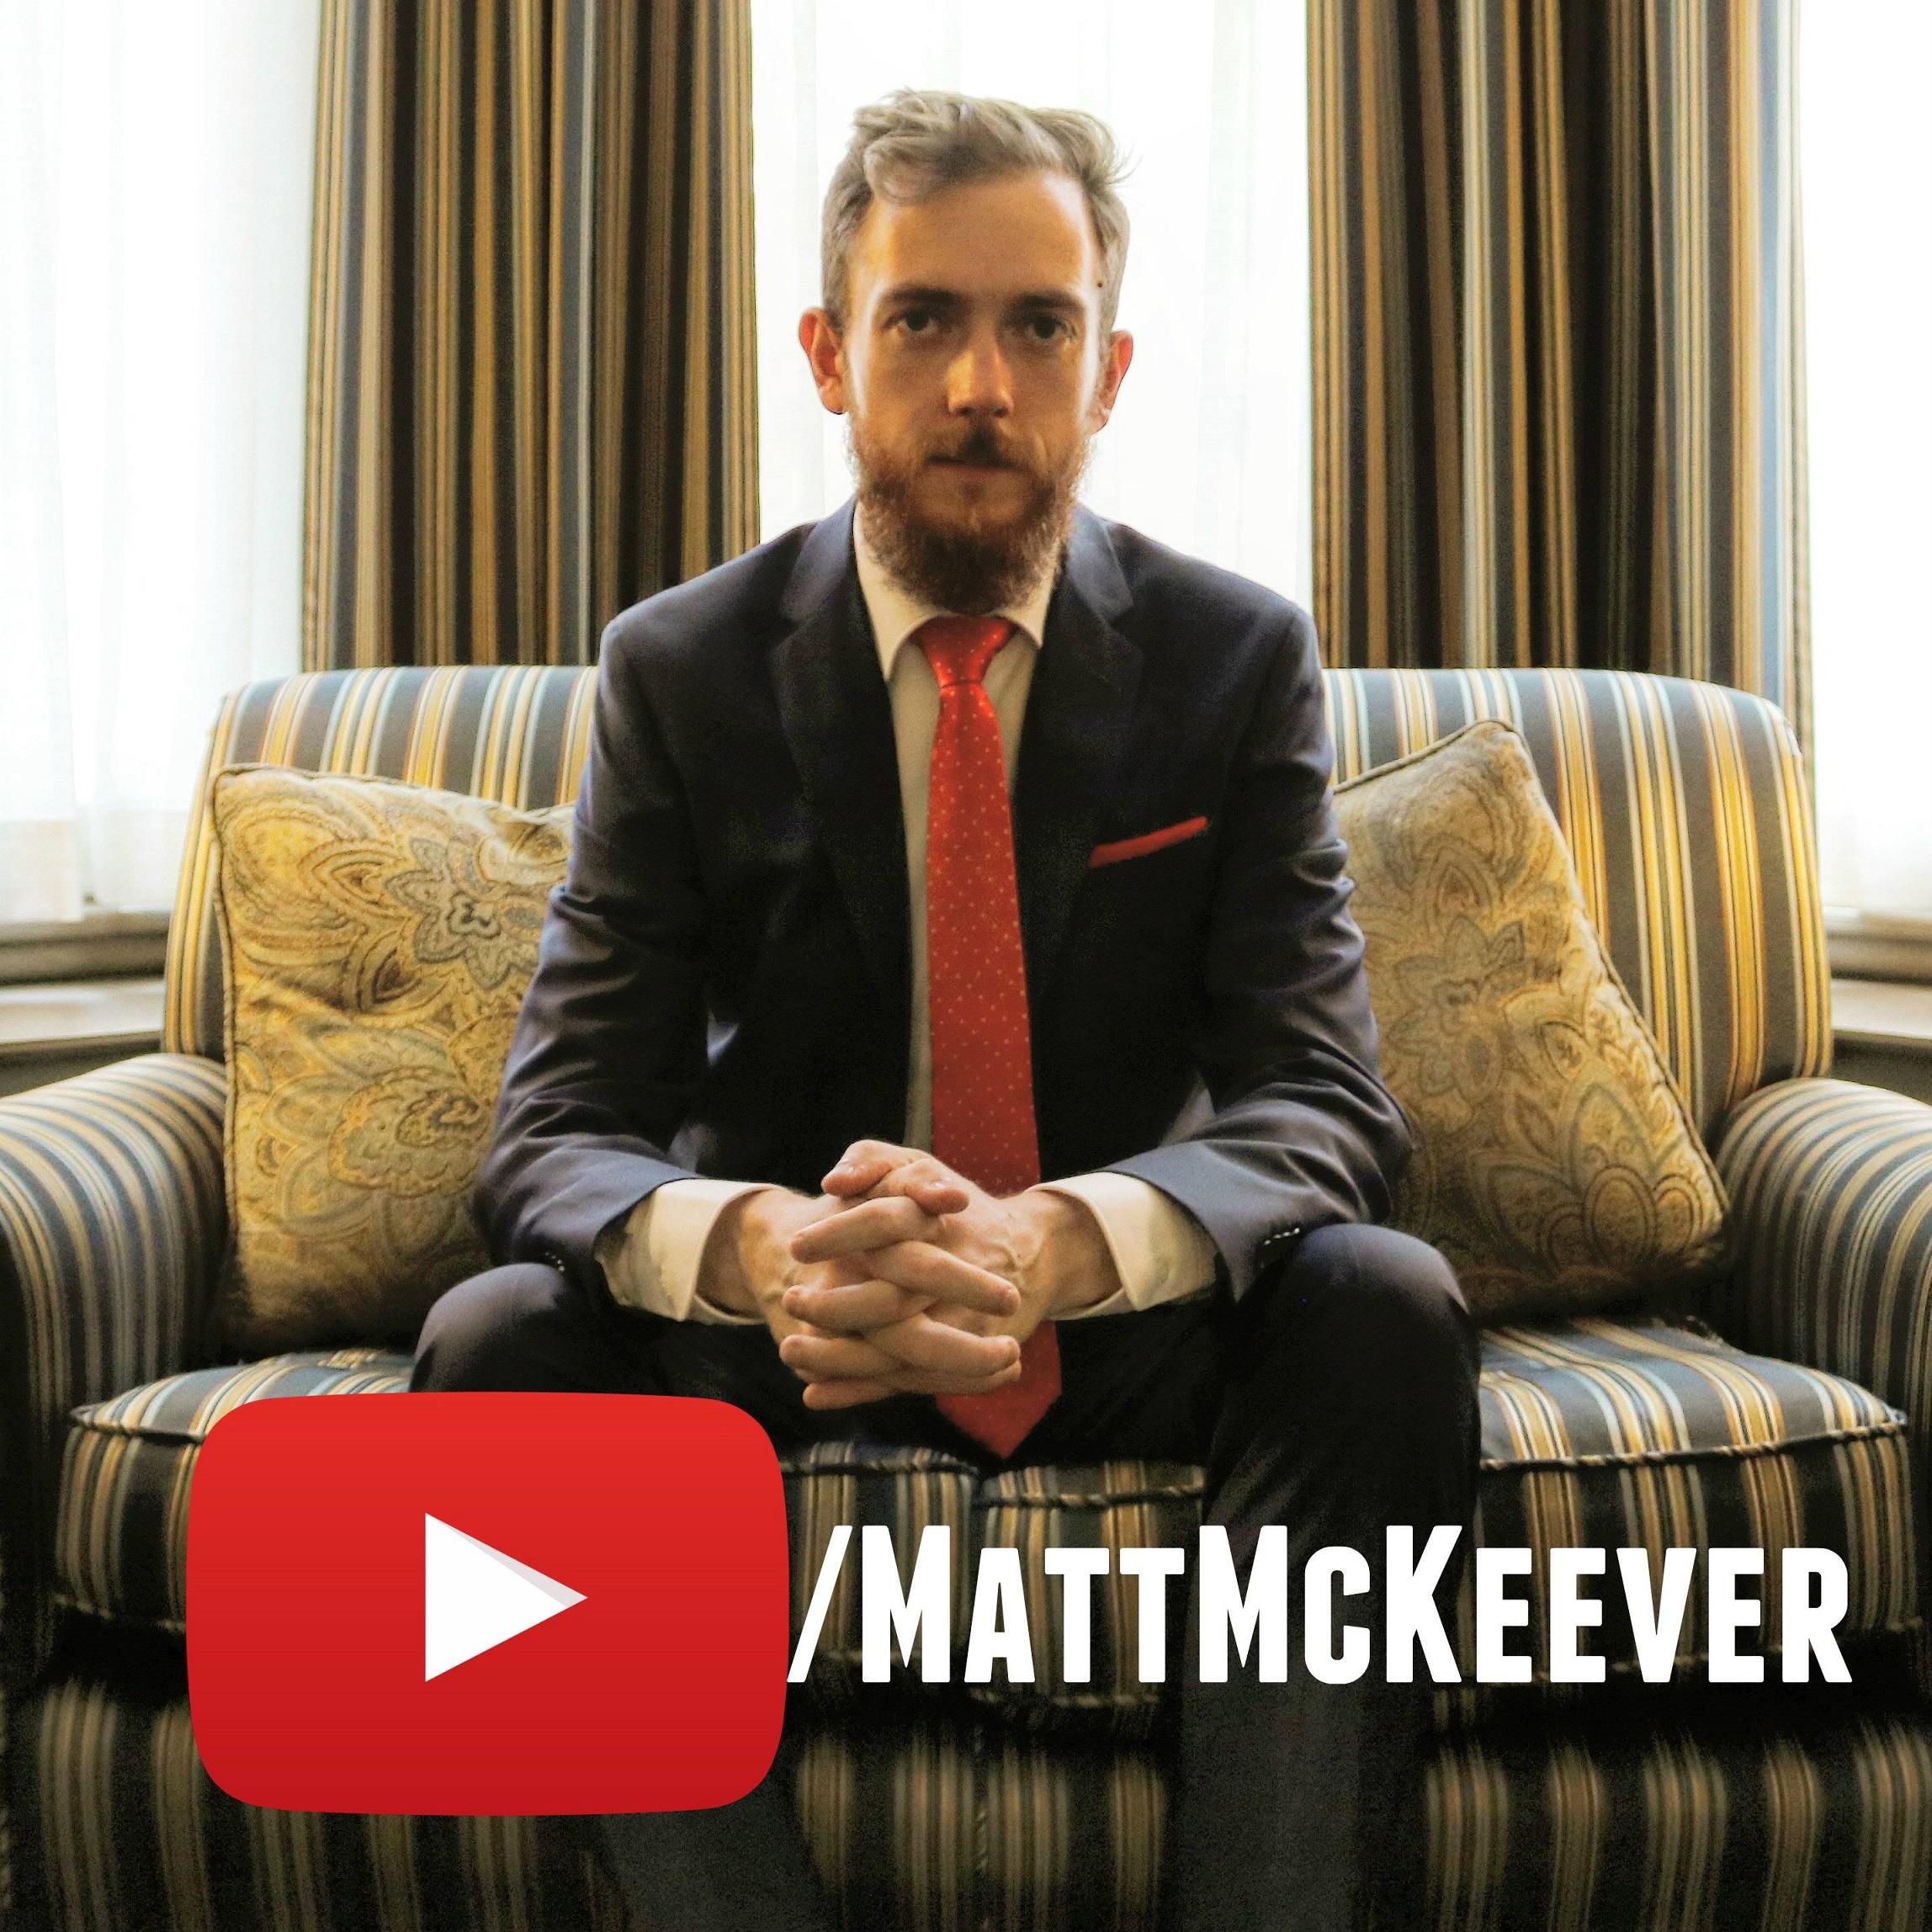 Matt McKeever